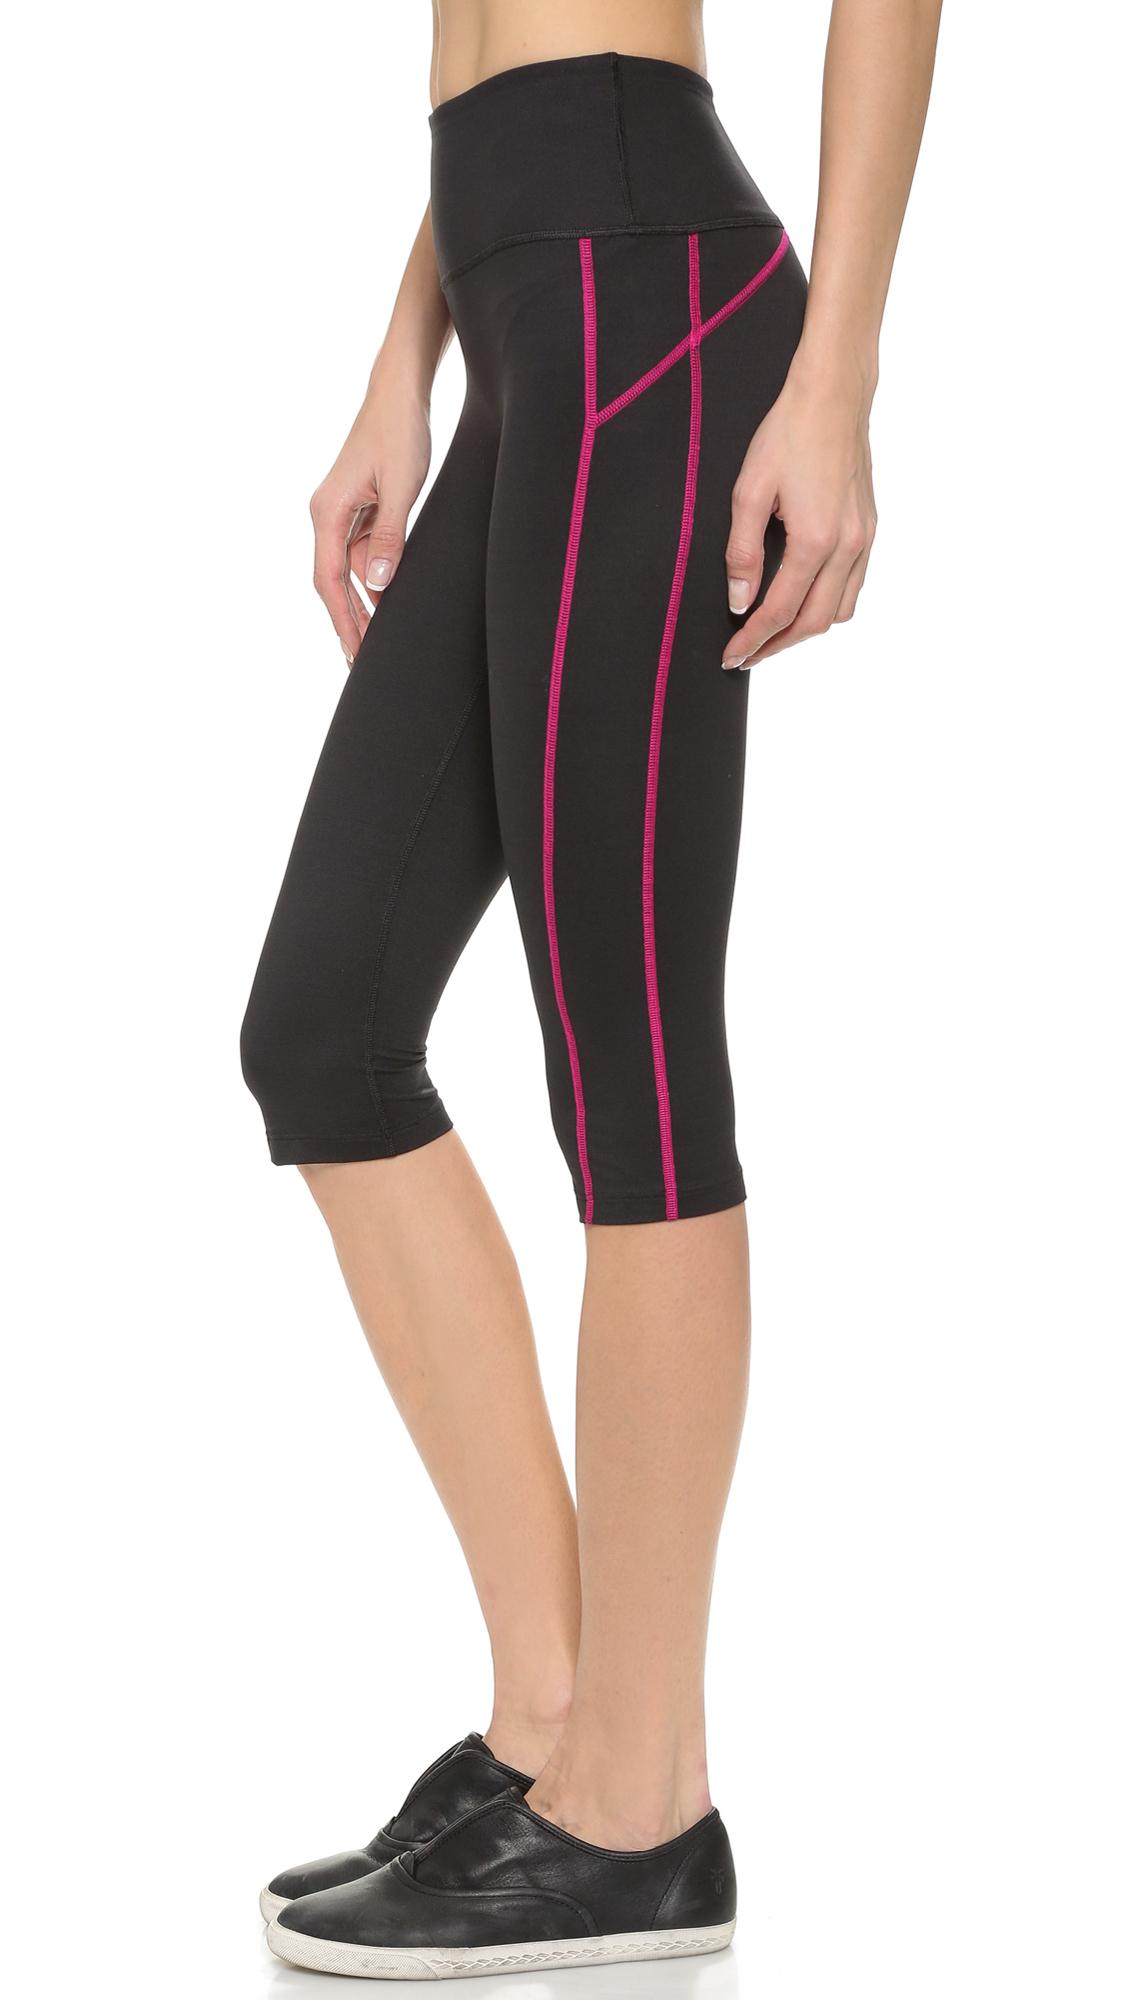 5004388e72 Spanx Knee Length Leggings - Active Black in Black - Lyst